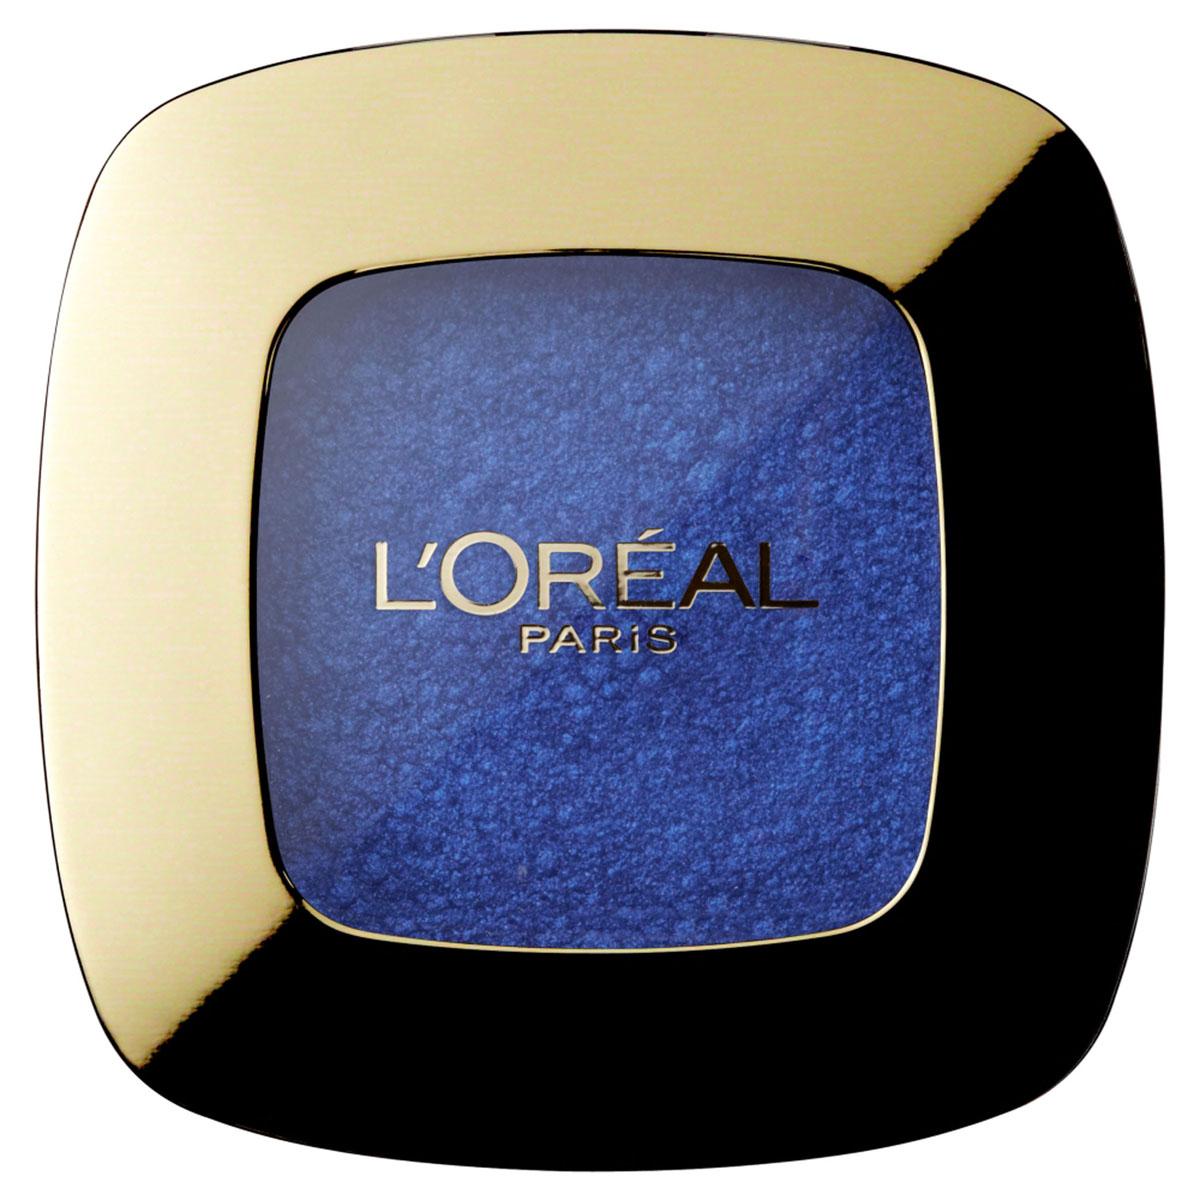 LOreal Paris Тени для век Color Riche моно, оттенок 405, Pop, поп, стойкие, 3,6 млA7701200Однотонные тени Color Riche LOmbre Pure - новый тренд в макияже глаз. Уникальная гелевая технология делает цвет ярким, насыщенным и стойким. Пудра с чистейшими пигментами создает 4 цветовые семьи: плотные матовые, трепетные нюдовые, дымчатые смоки и сочные поп оттенки. Технология Призма-Шайн класса люкс создает пятую семью: многогранные светоотражающие оттенки с высокой концентрацией перламутровых частиц. Невероятный результат: непревзойденный цвет и сияние, гладкое, бархатное ровное покрытие, стойкость.